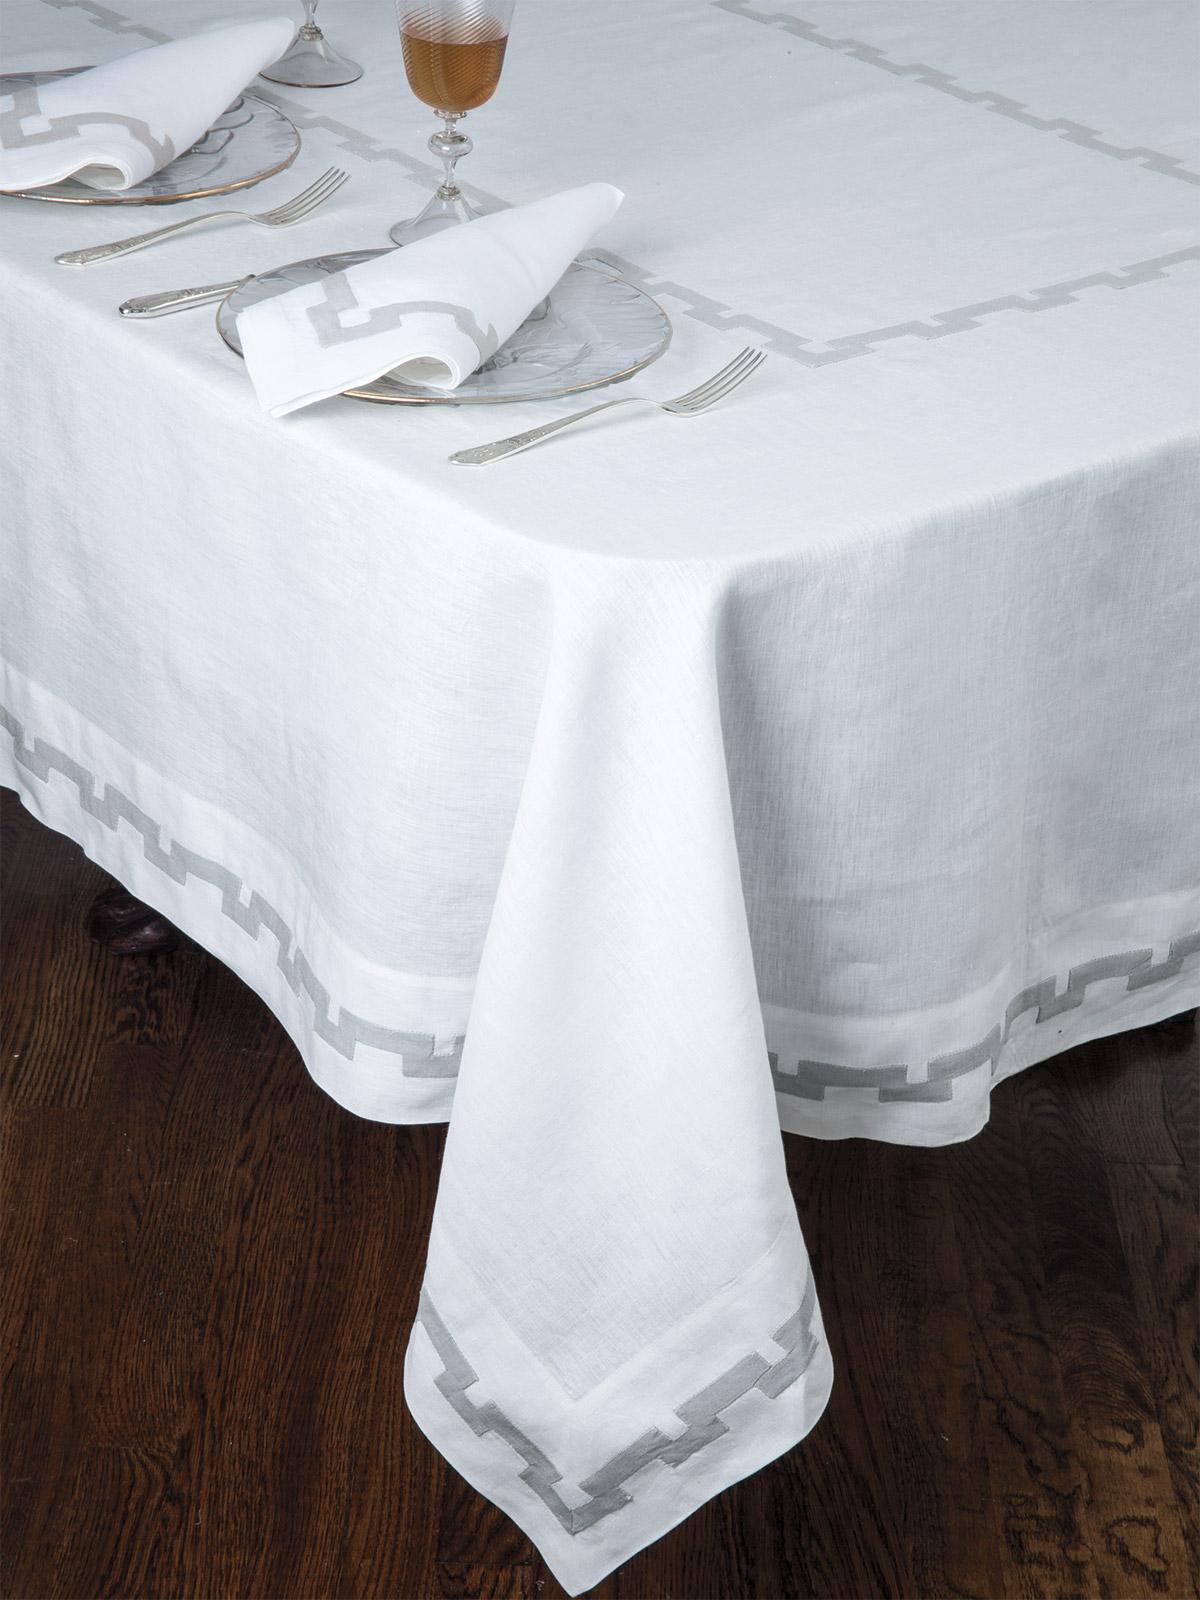 Miramare Fine Table Linens Schweitzer Linen